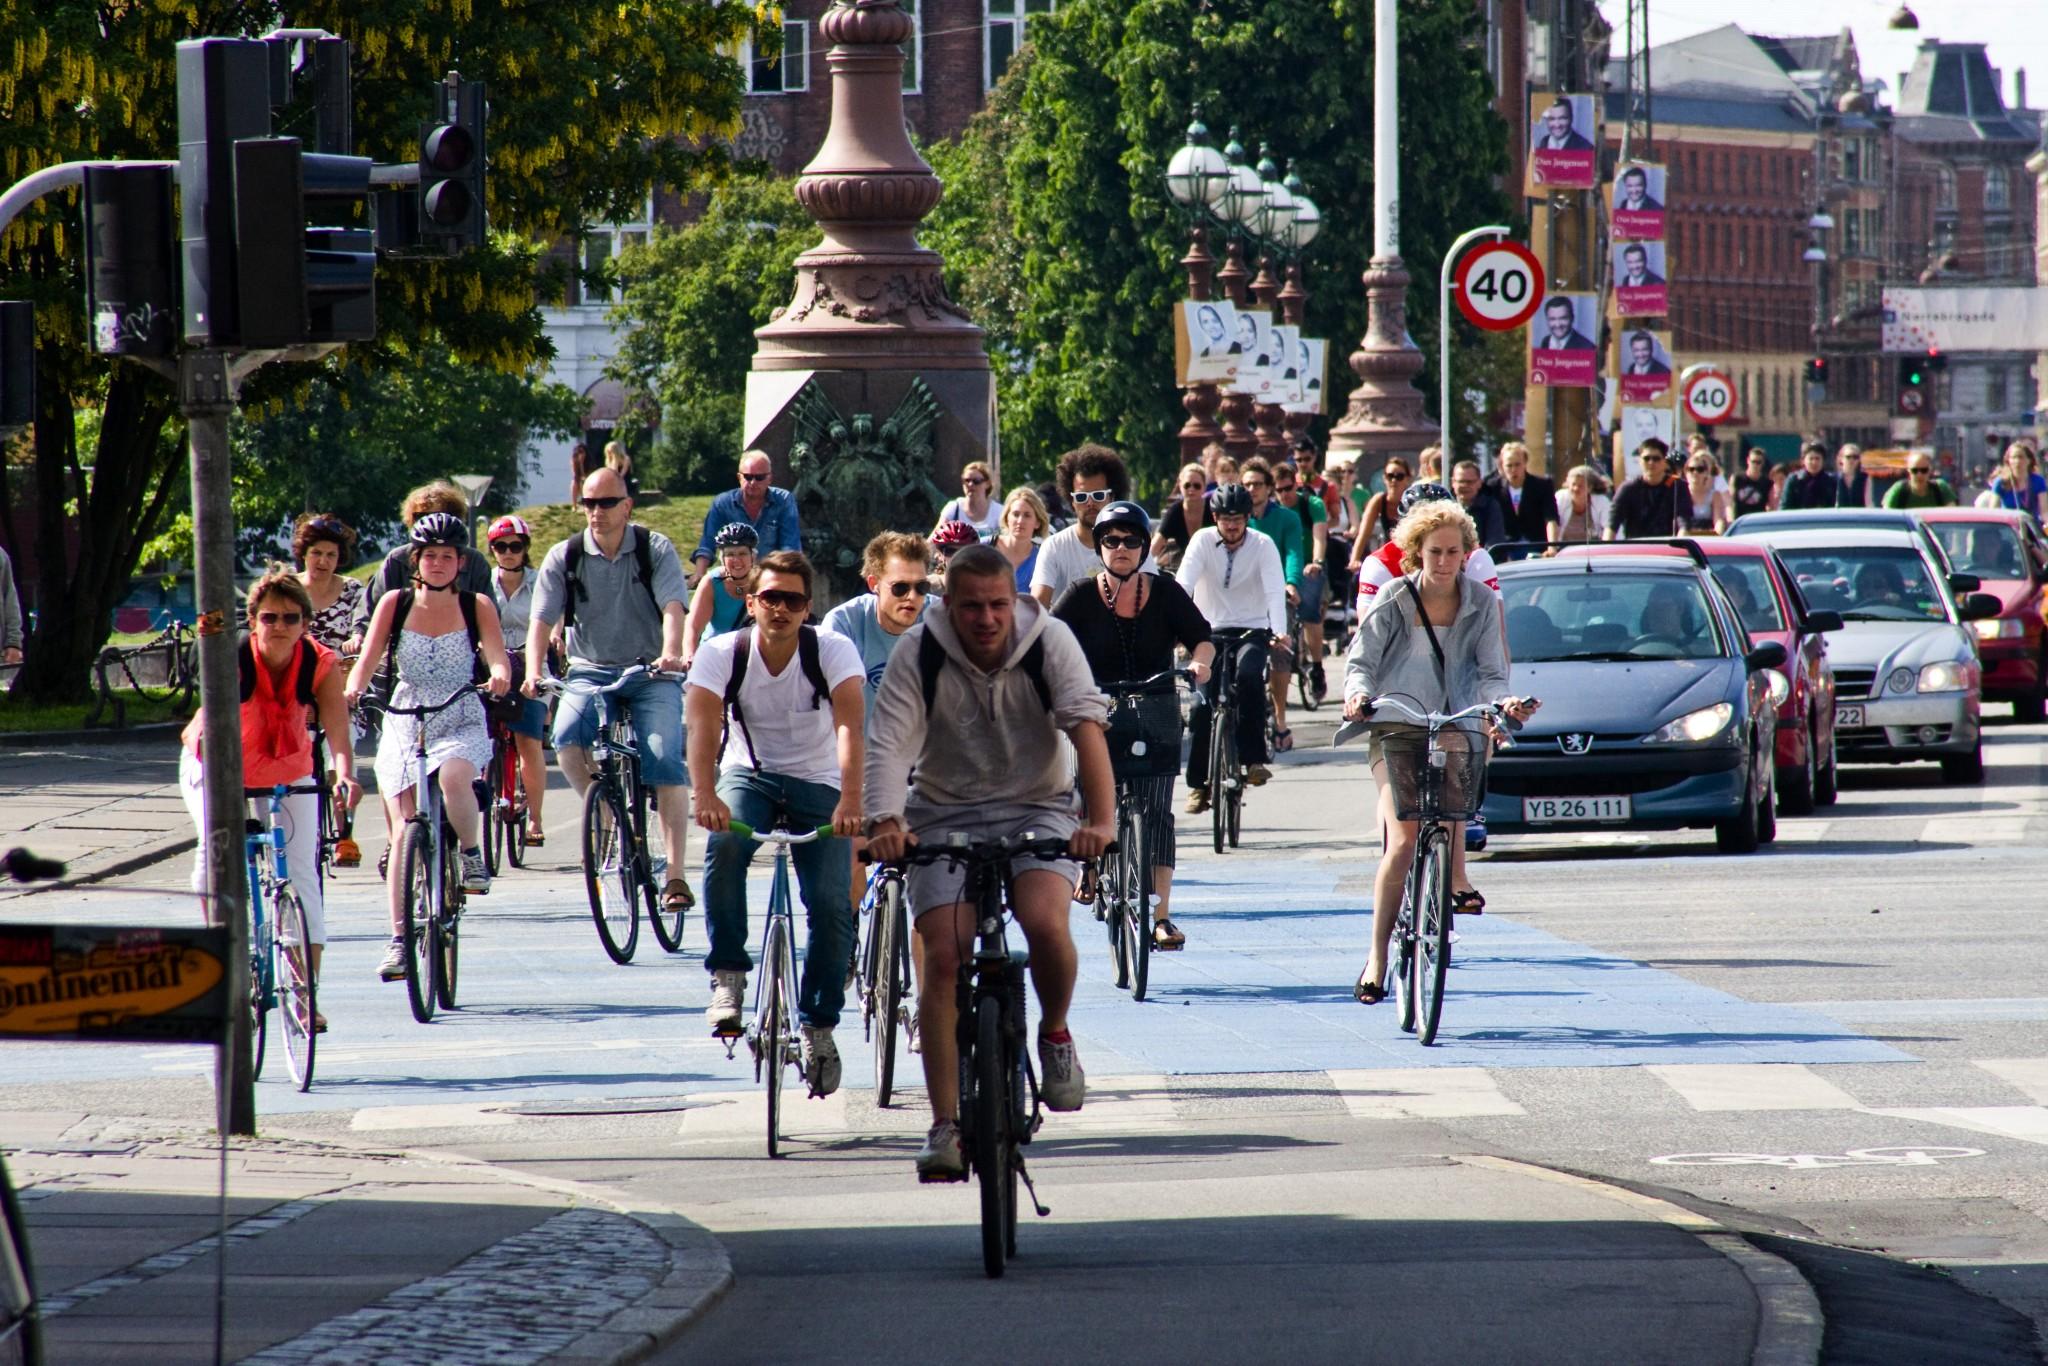 45 Prozent der Einwohner von Kopenhagen steigen täglich aufs Fahrrad. Da können sich andere Städte eine Scheibe abscheiden. (Bild: Copenhagenize Design Company)